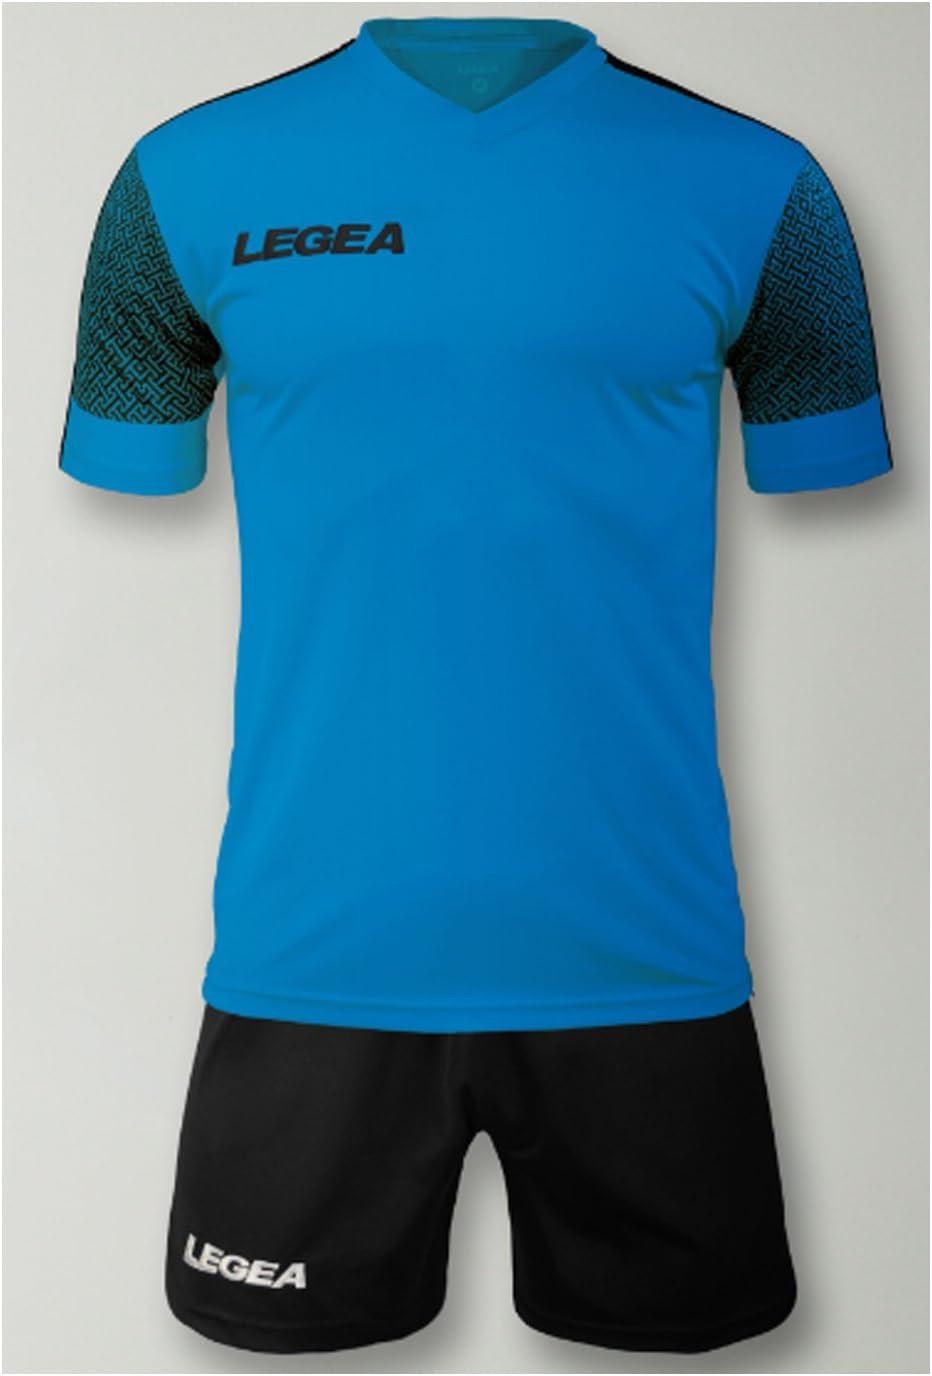 LEGEA Kit Praga Futbolín Completo Camiseta y pantalón Deportivo Torneo, Celeste Fluo-Nero, M: Amazon.es: Deportes y aire libre